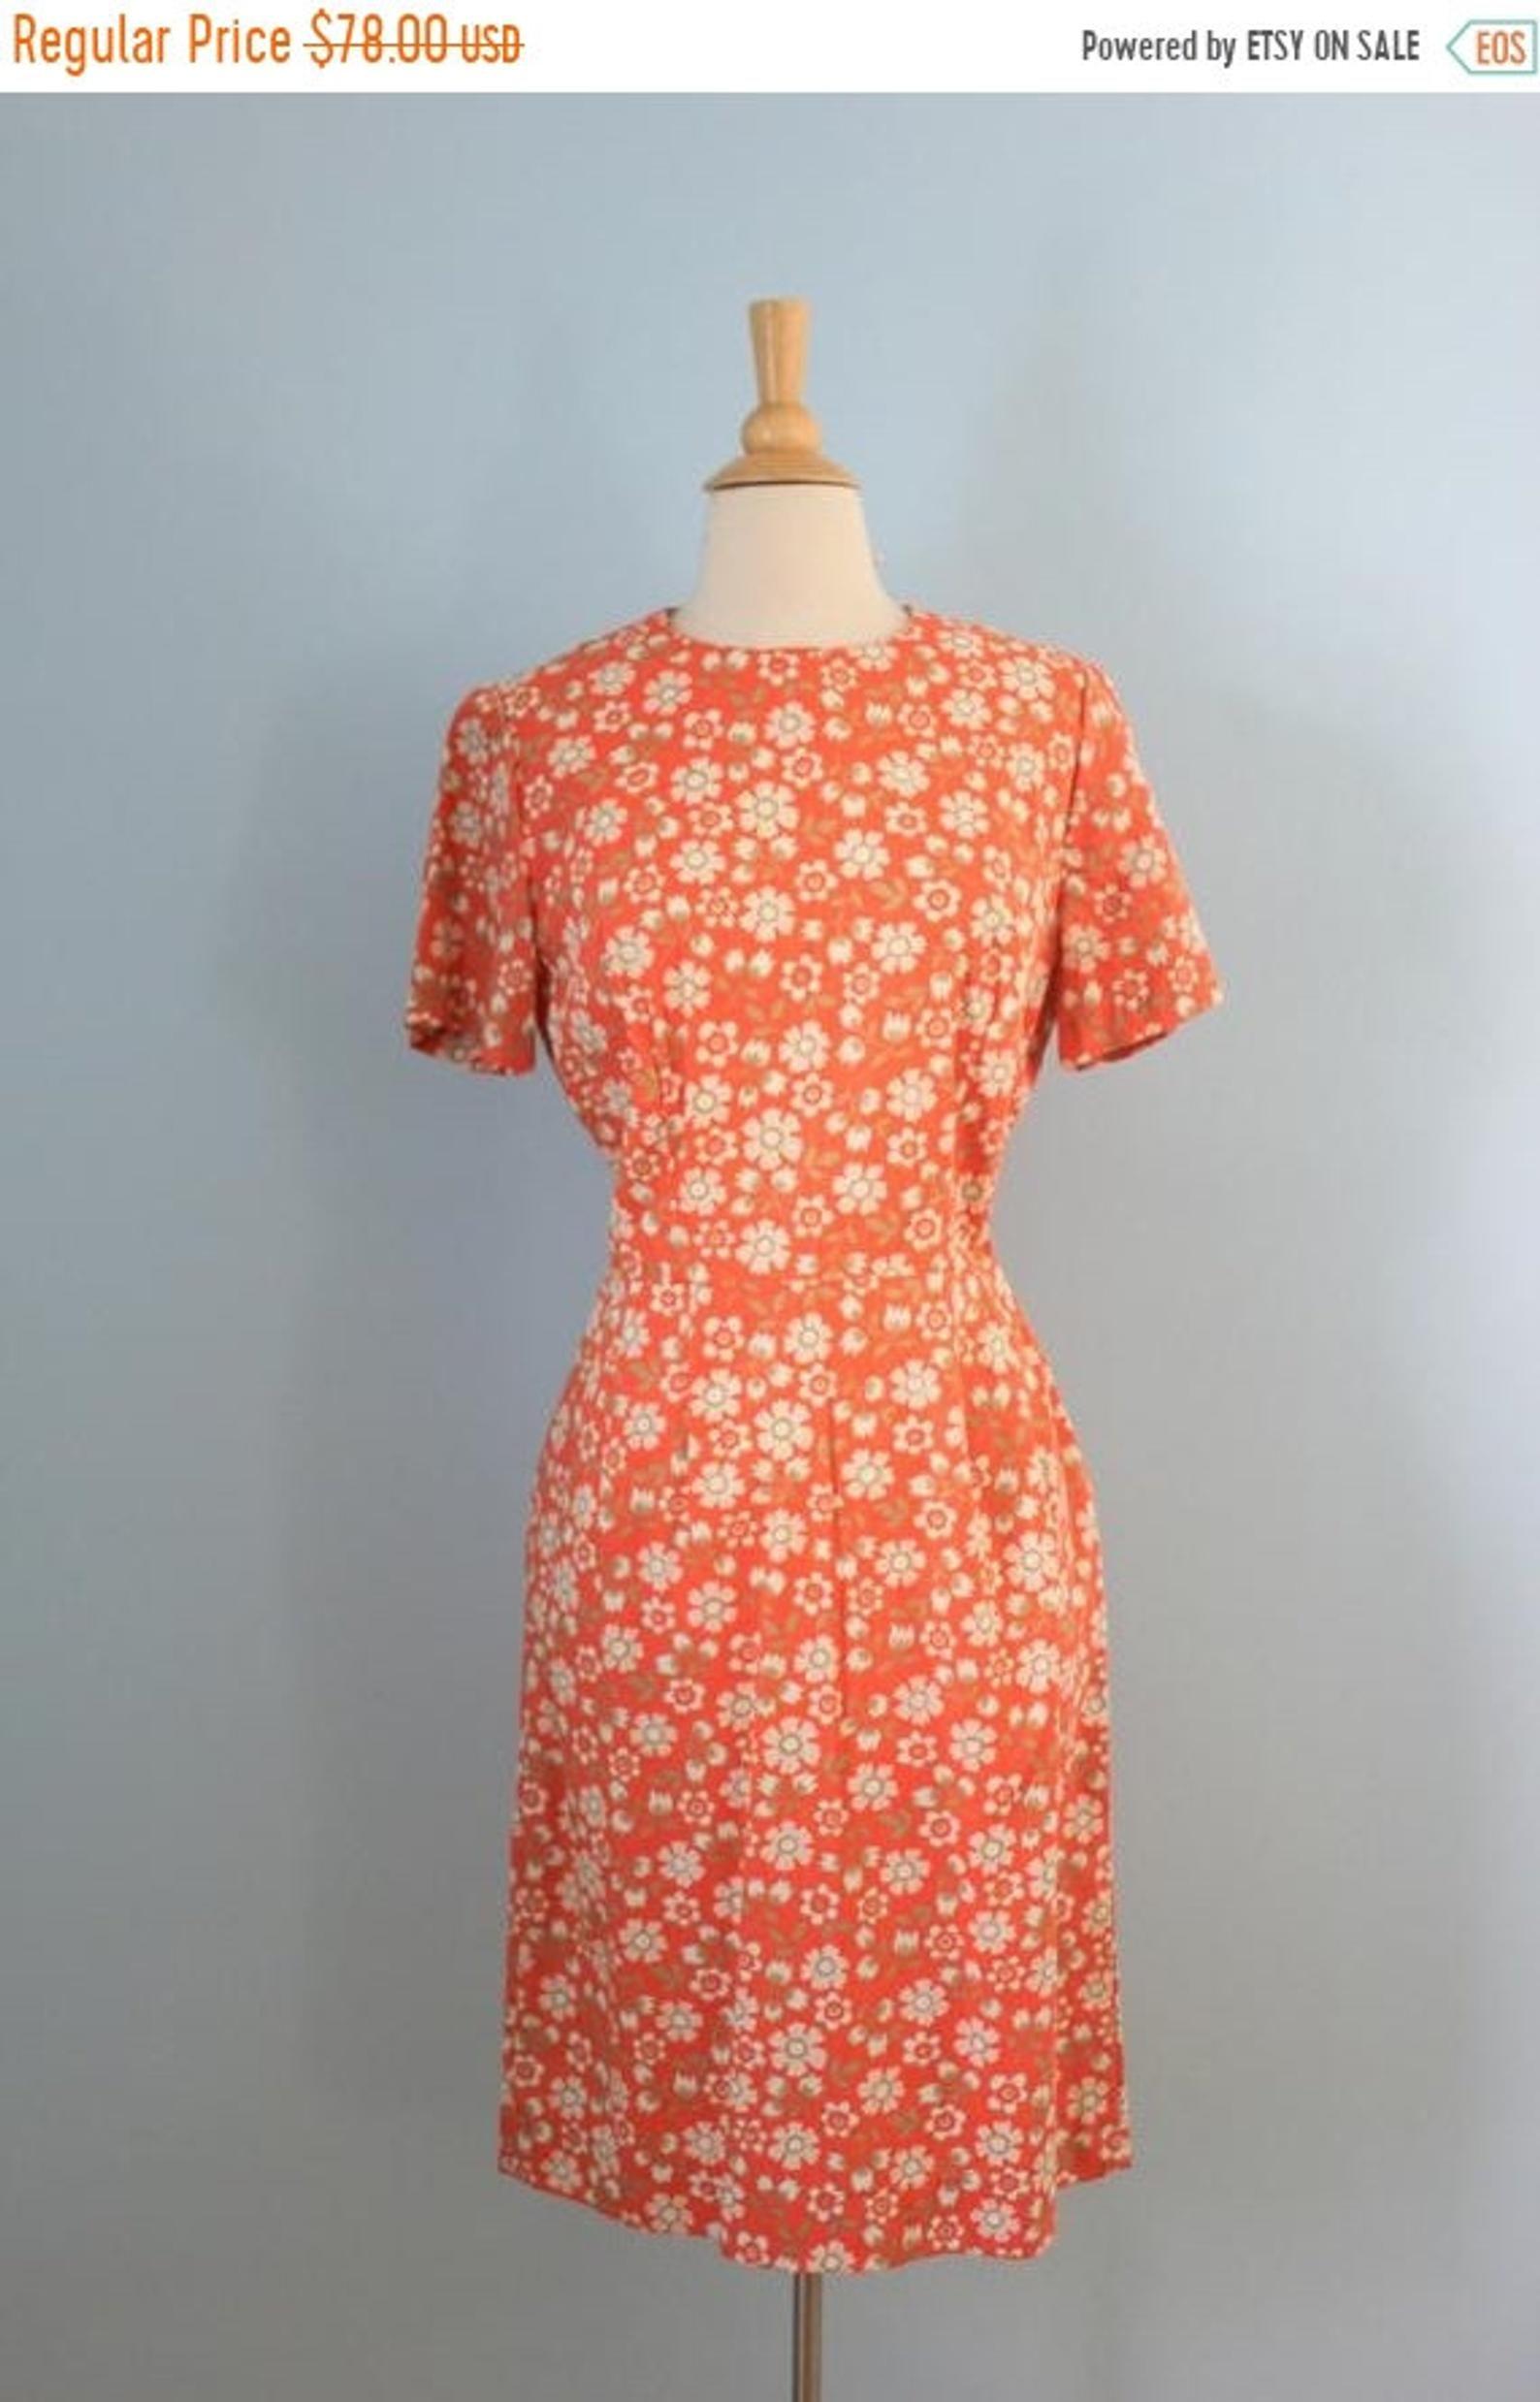 Sale 1960s Cotton Dress 60s Cotton Floral Print Shift Dress Etsy Happy Dresses 60s Dress Printed Shift Dress [ 2477 x 1588 Pixel ]